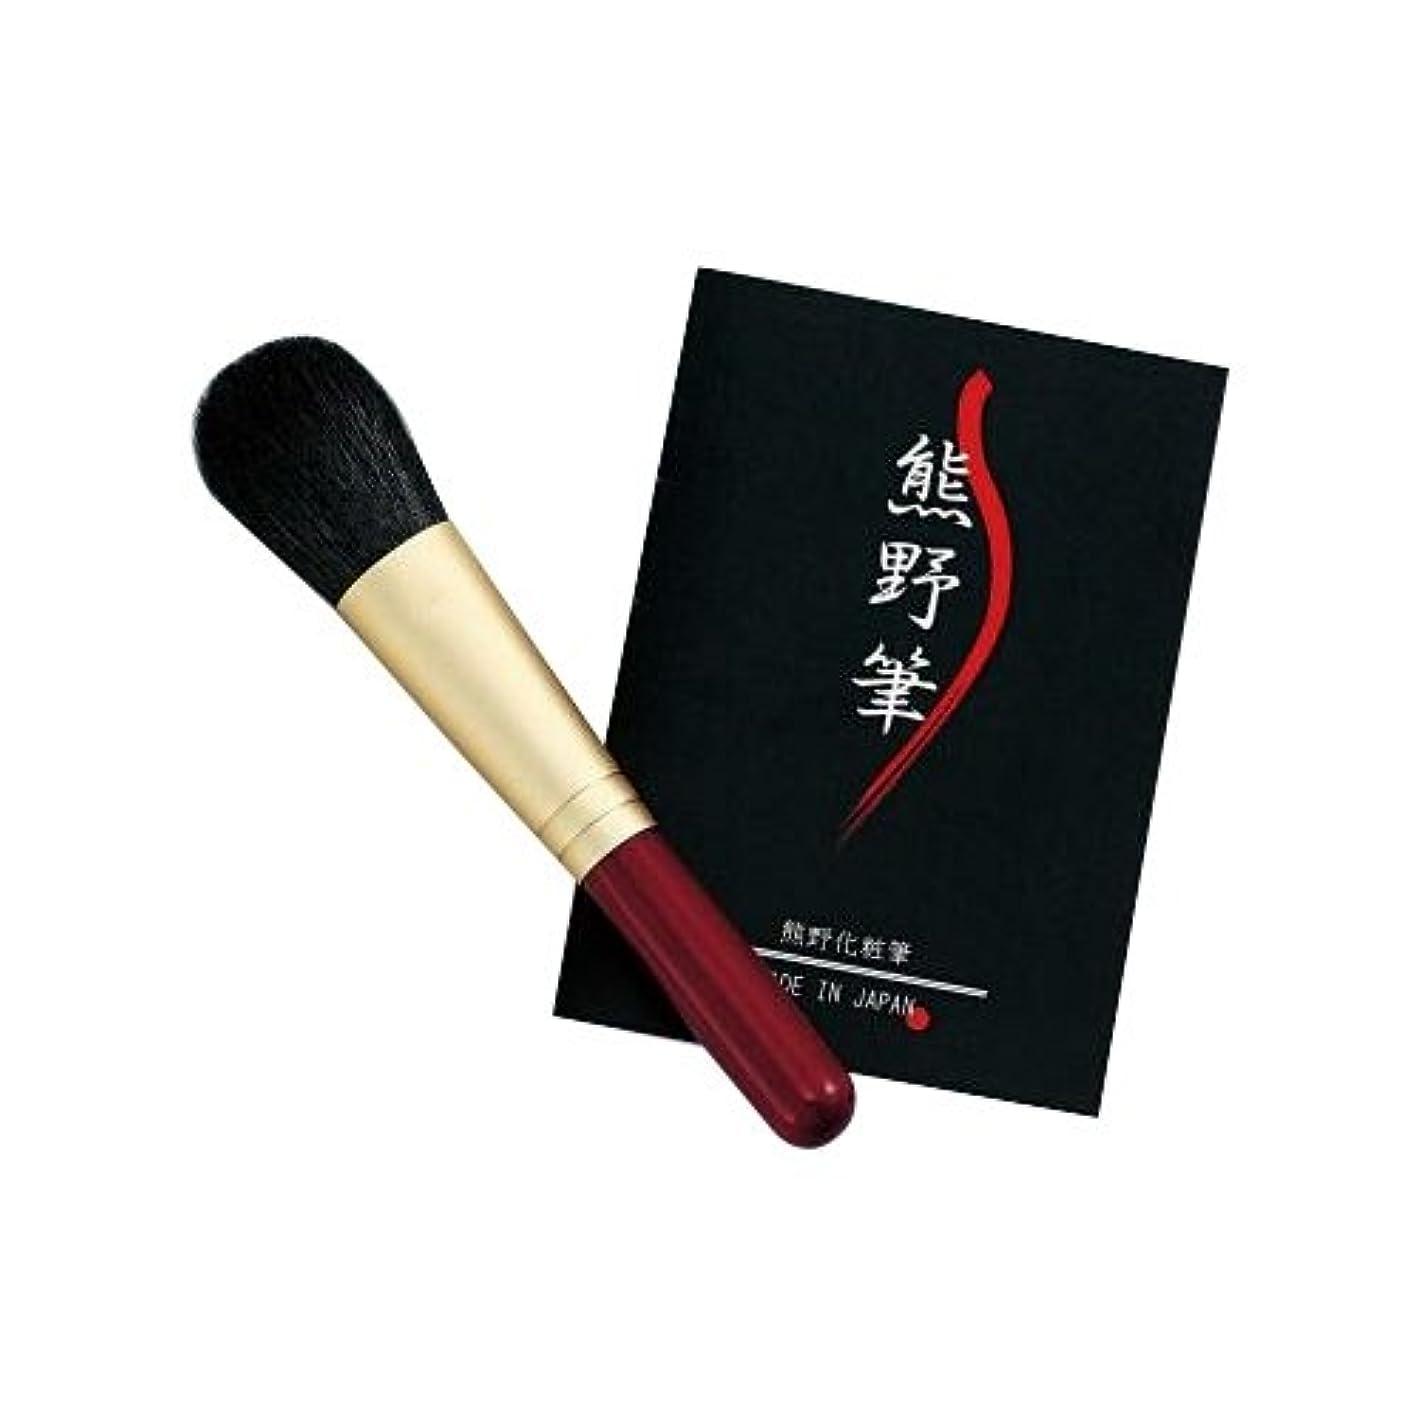 構成員左成長するゼニス 熊野化粧筆 筆の心 チークブラシ(ショート)